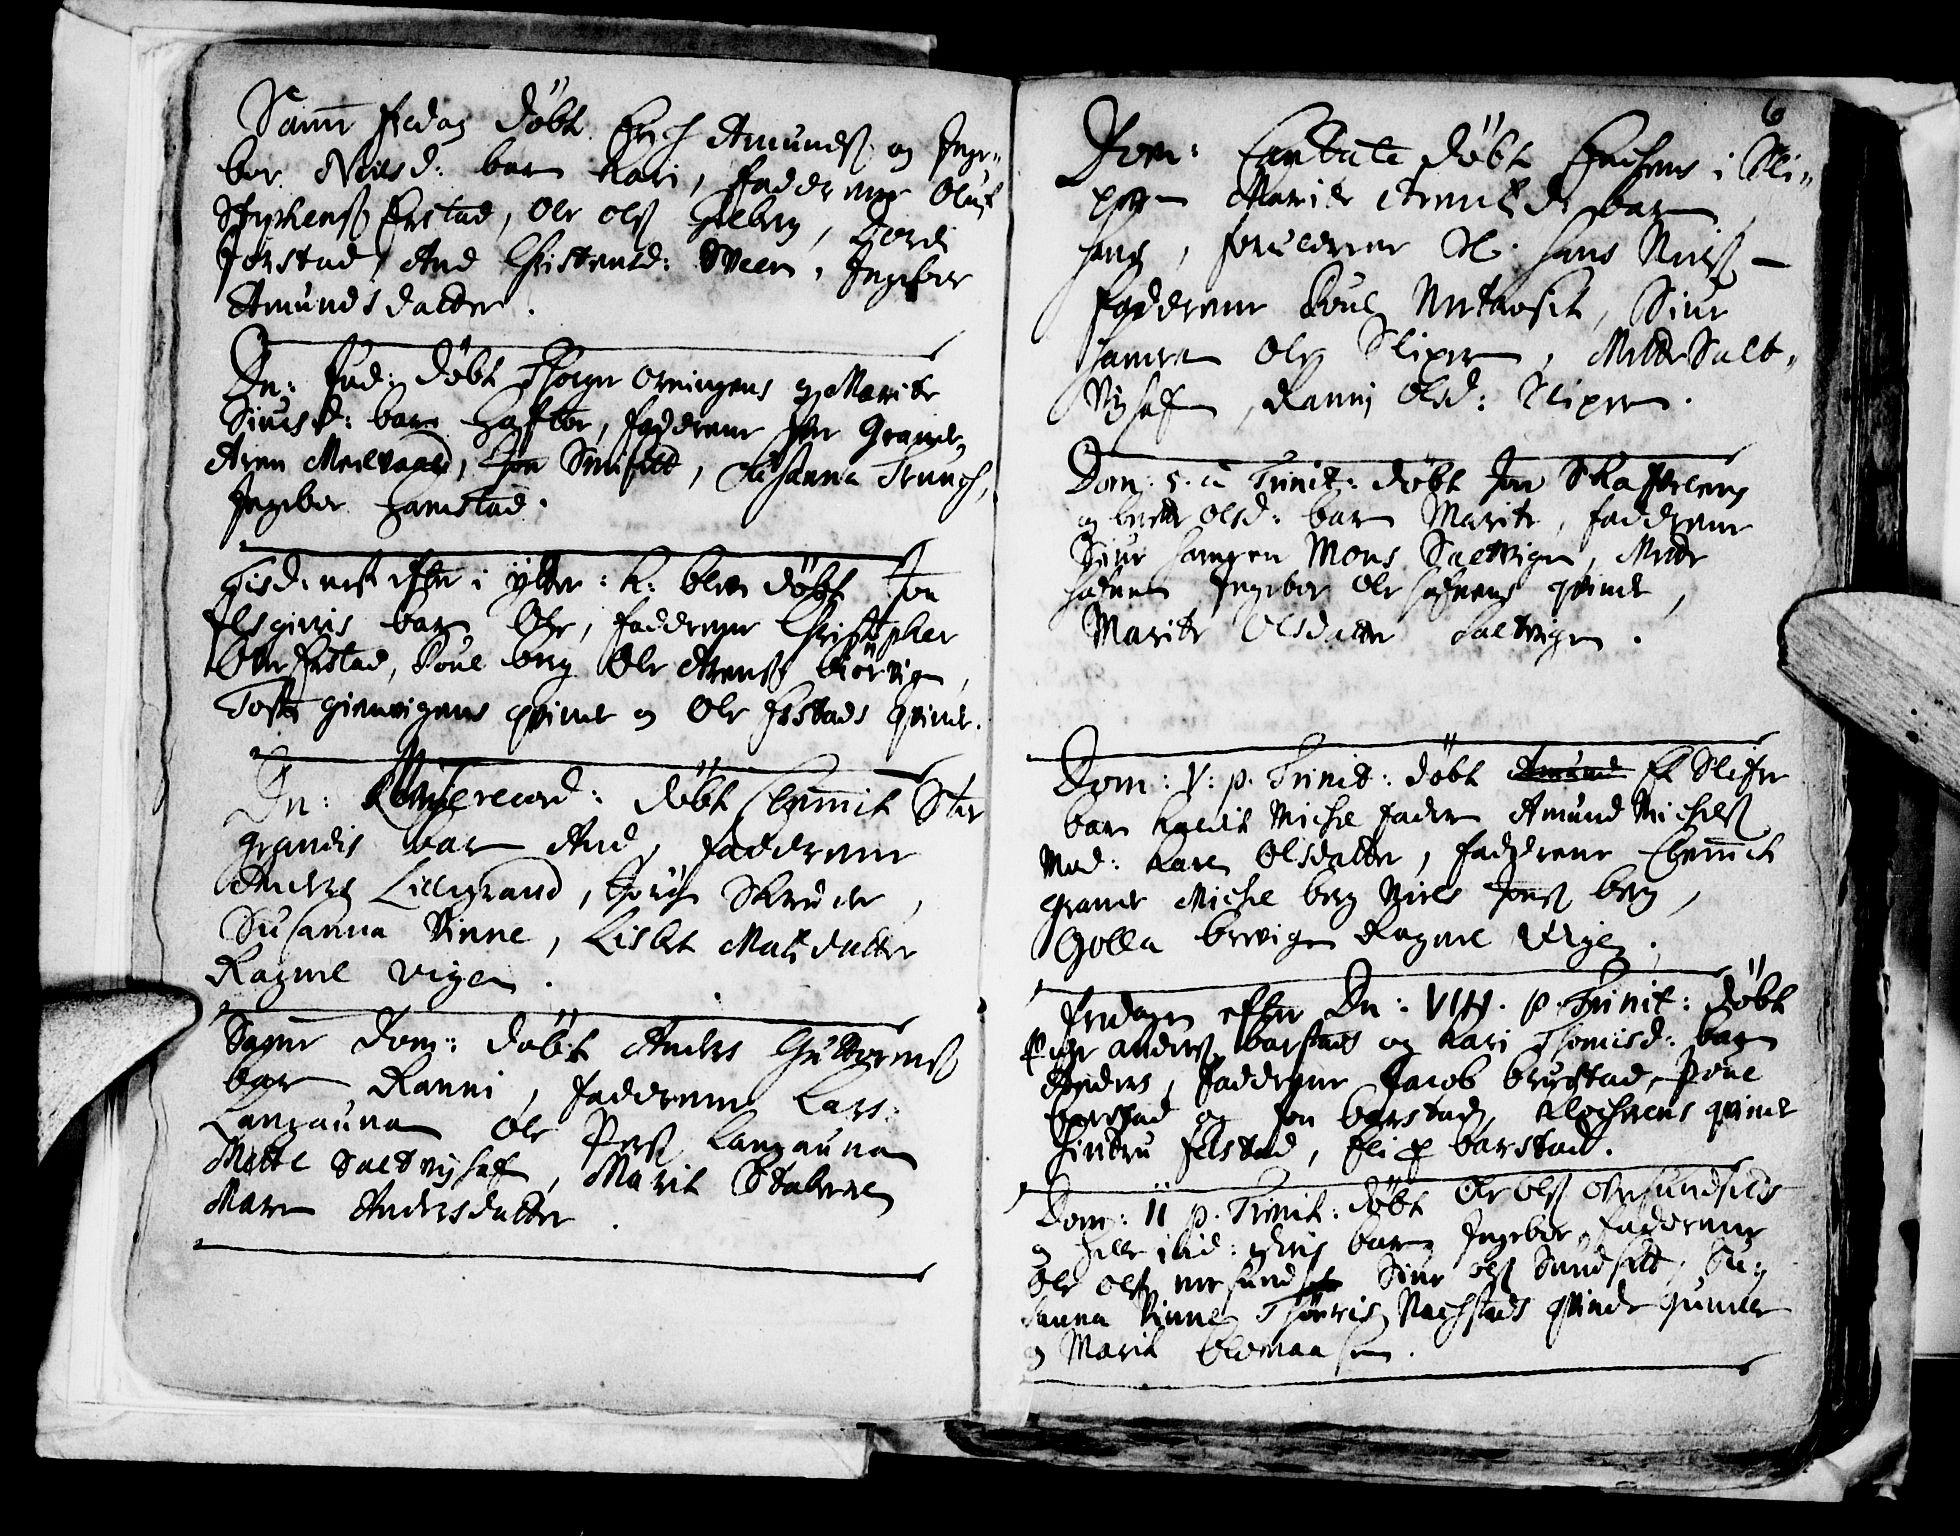 SAT, Ministerialprotokoller, klokkerbøker og fødselsregistre - Nord-Trøndelag, 722/L0214: Ministerialbok nr. 722A01, 1692-1718, s. 6